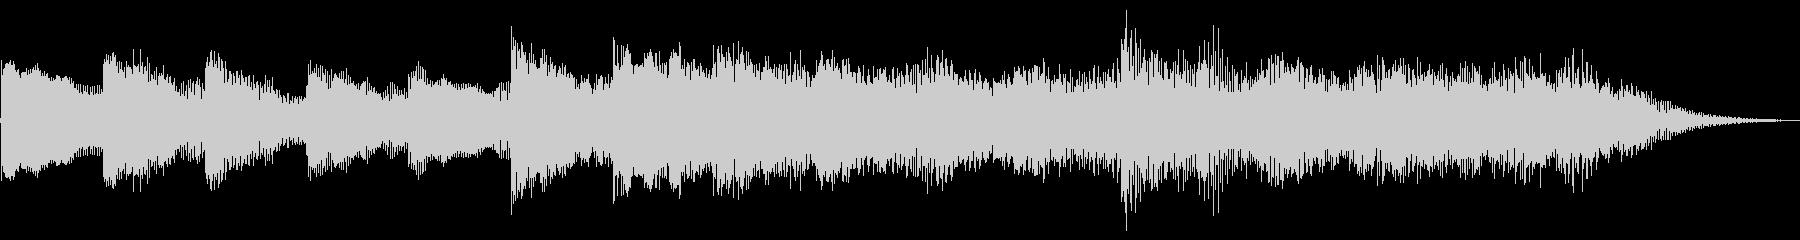 メガソフトエンディング、MUSIC...の未再生の波形